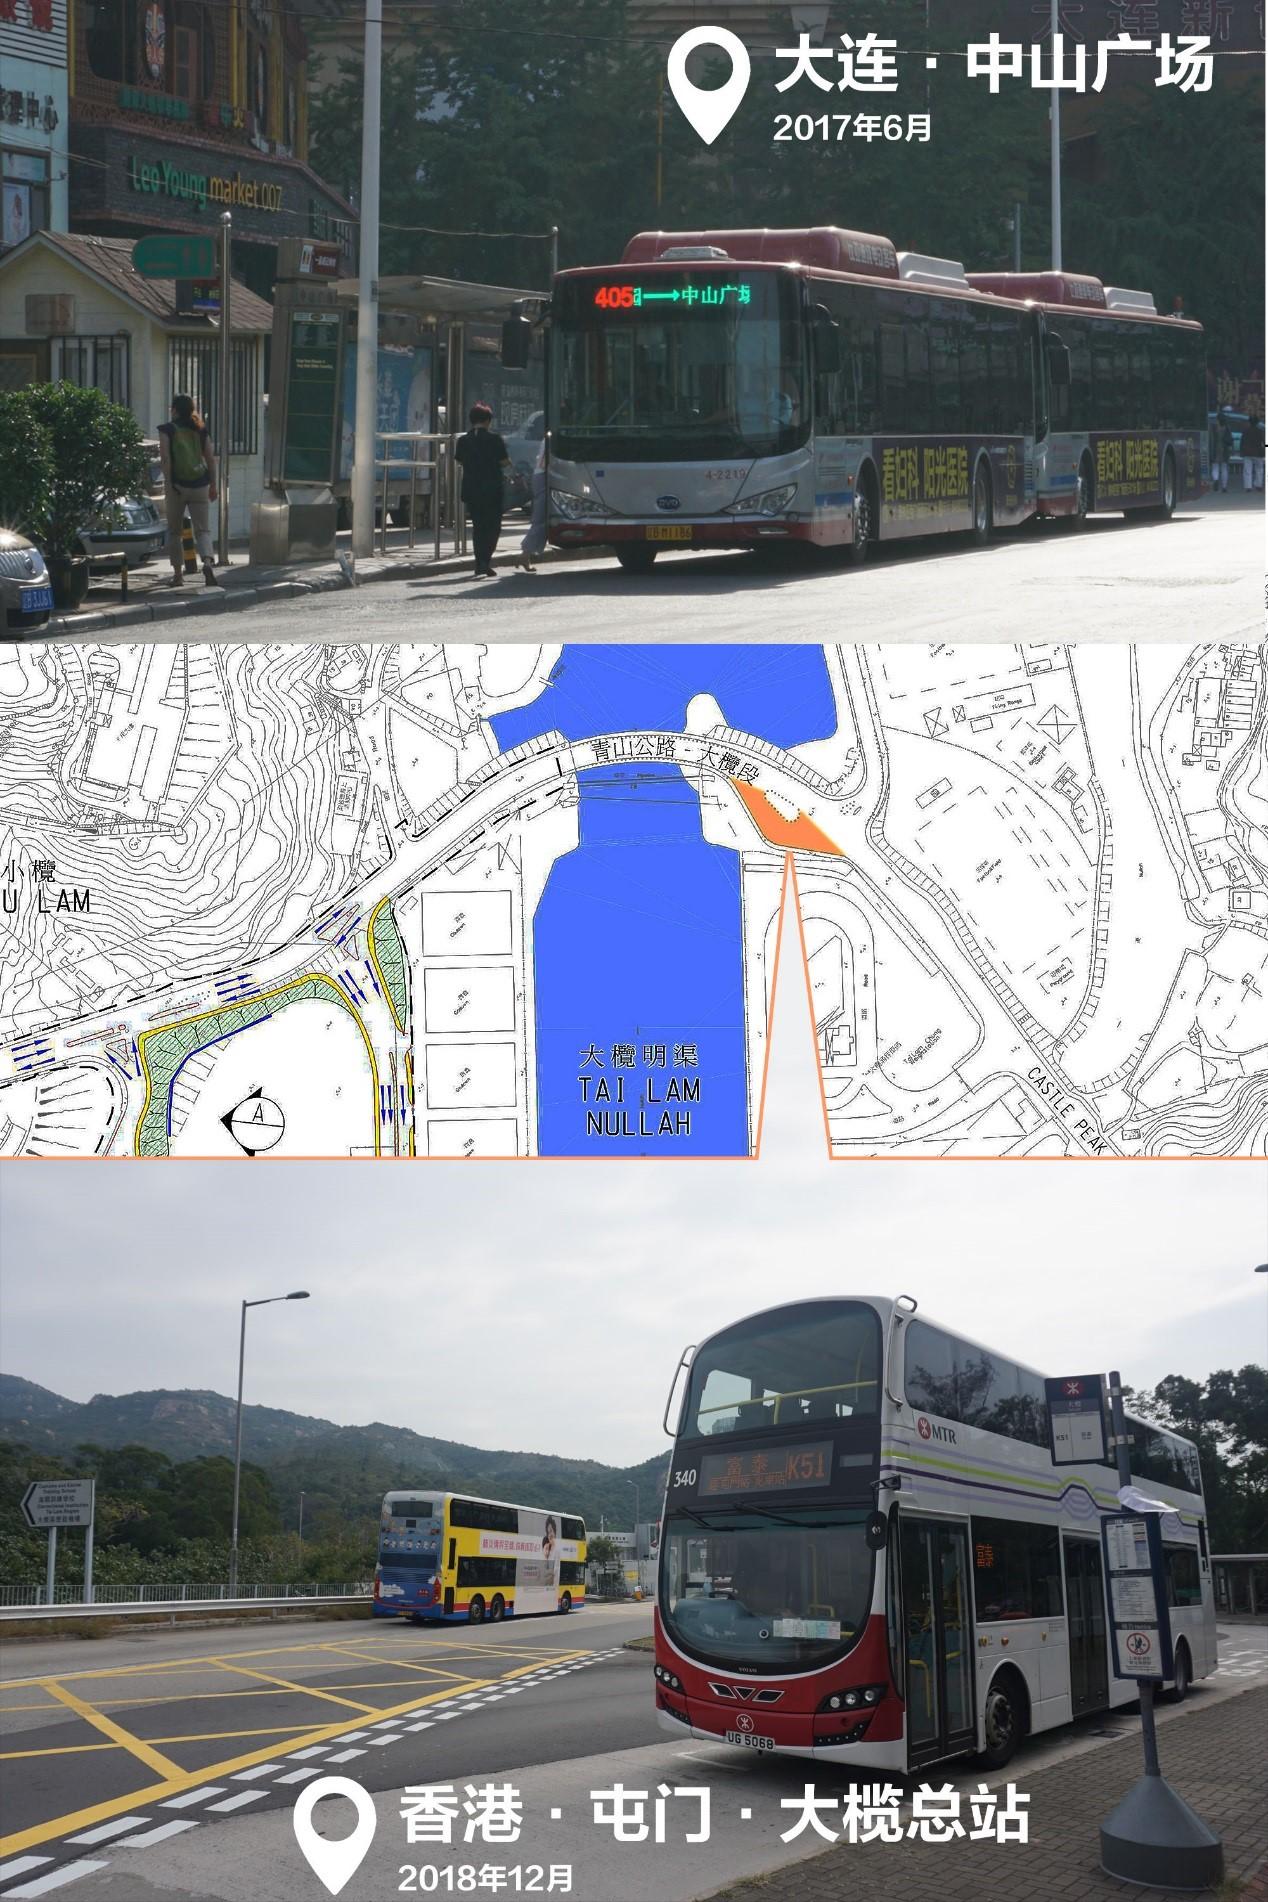 大连市中山广场周边的一个总站,和香港青山公路边的大榄总站;后者几乎是照着TDPM手册做的教科书范例,典型的具备掉头功能的服务终点,也是笔者爬山看红叶的意外收获之一。